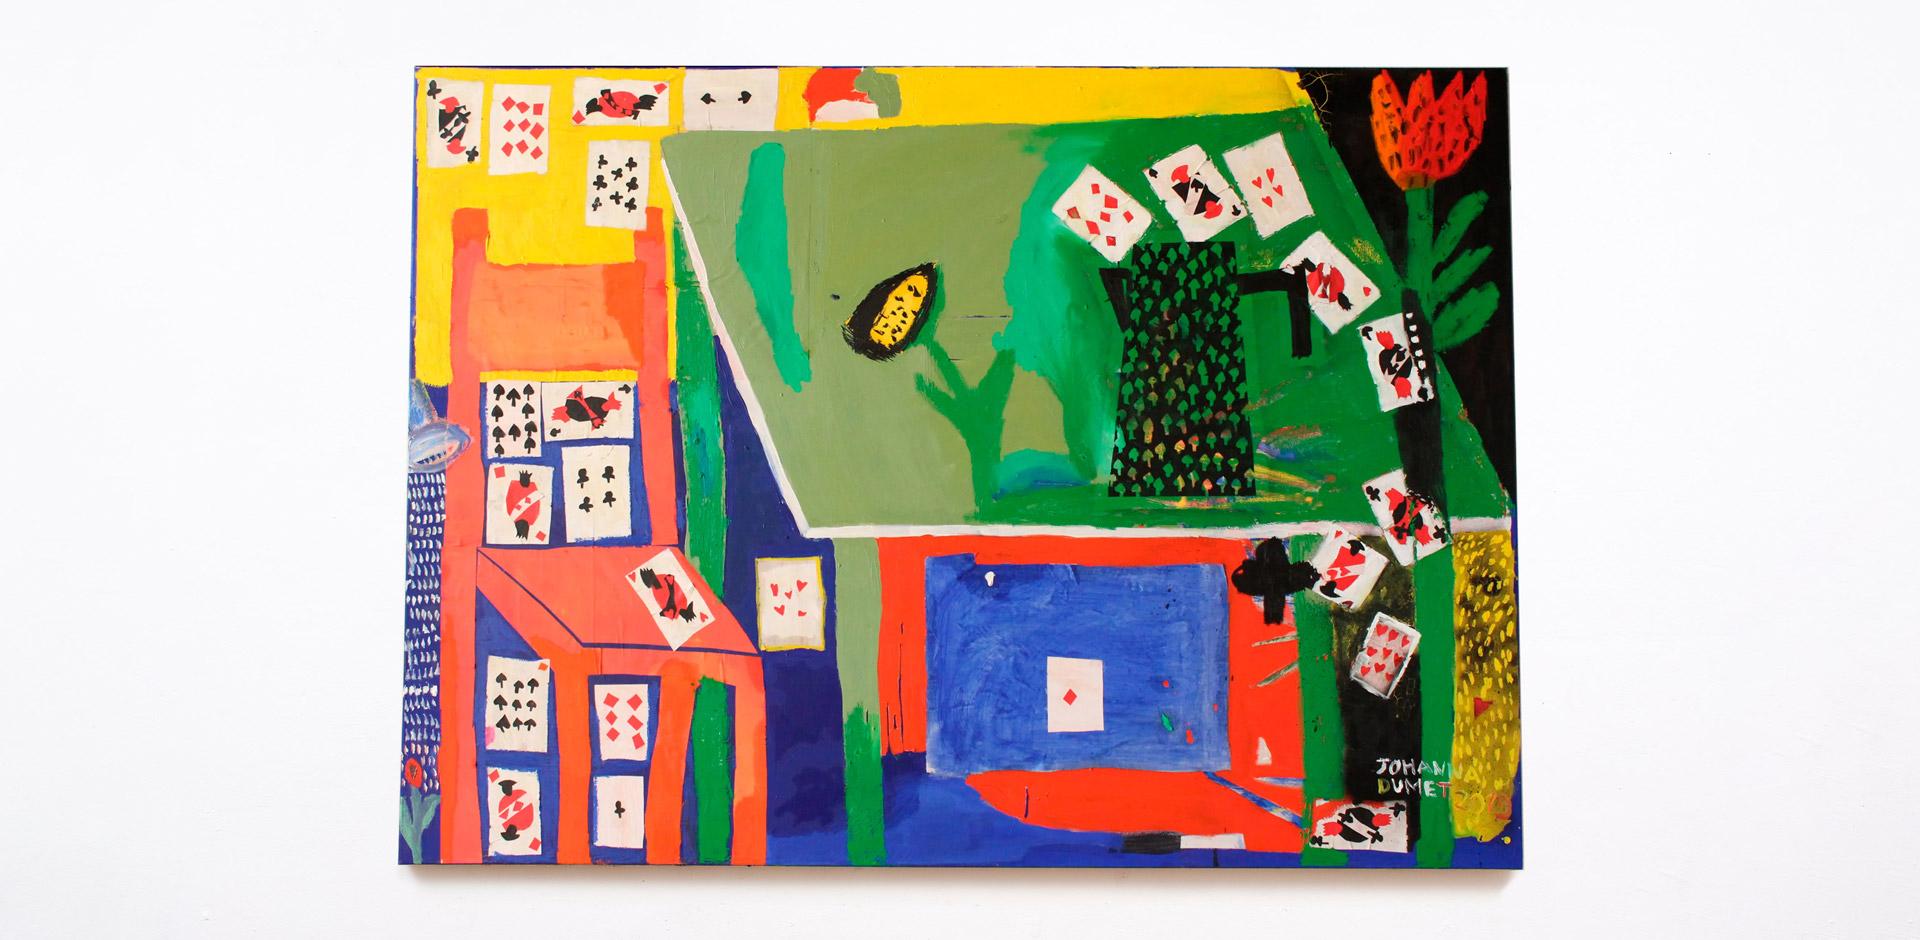 weserhalle-johanna-dumet-Poker-face-01